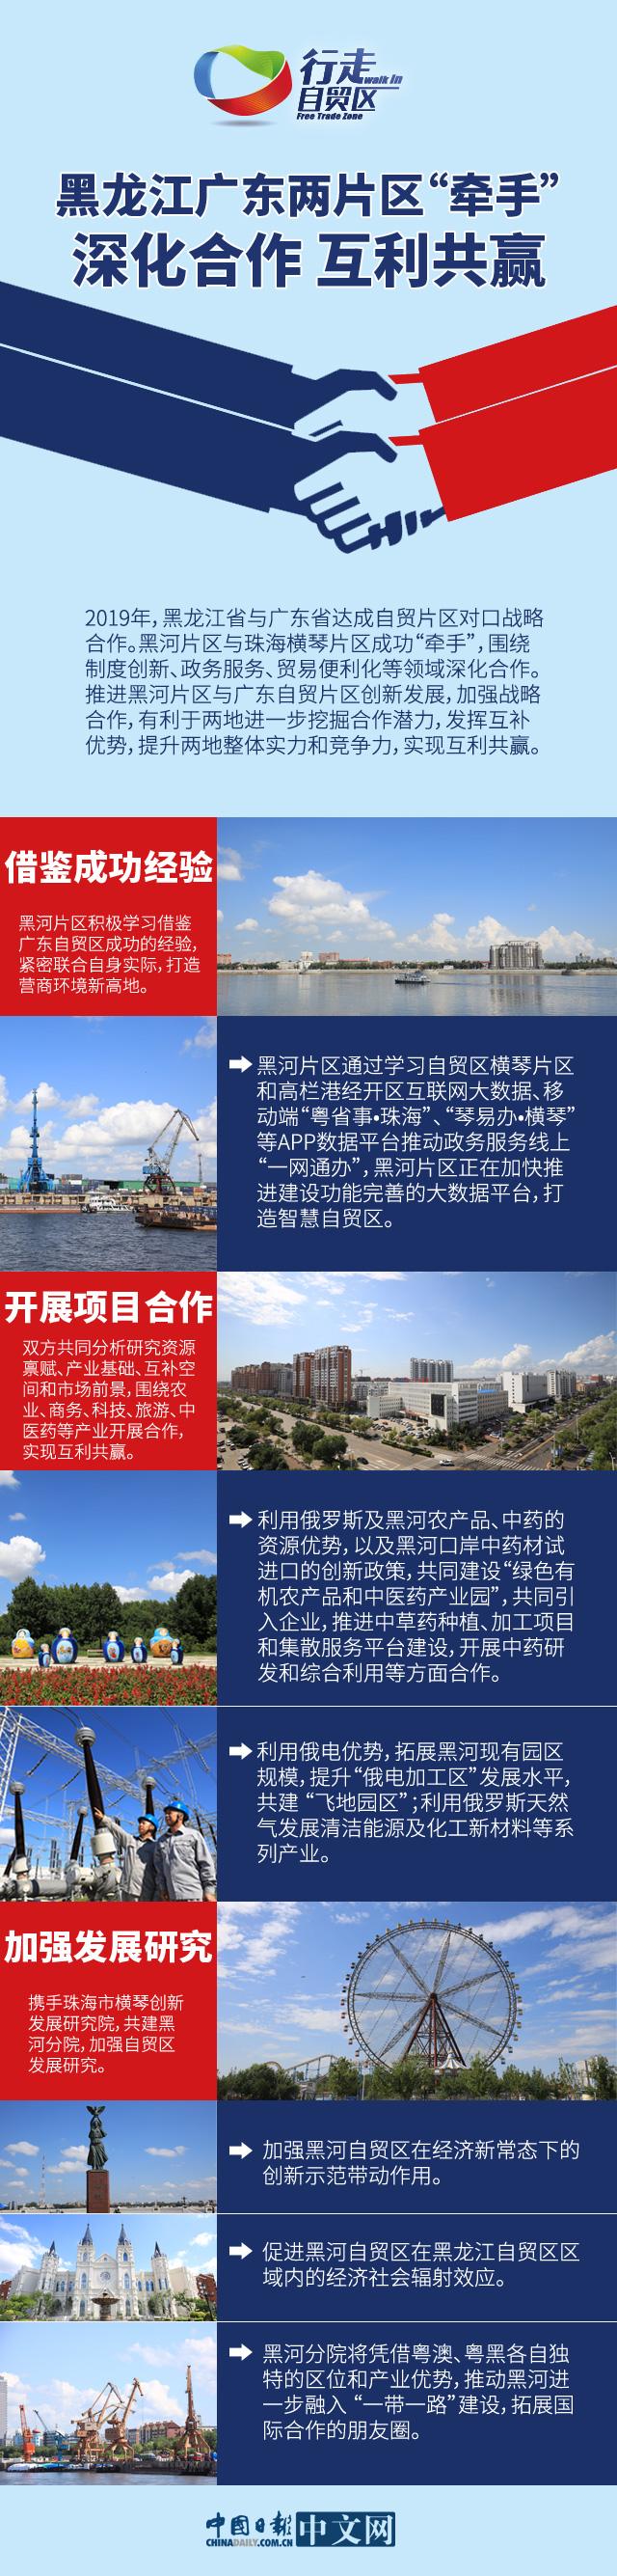 """【行走自贸区】图说:黑龙江广东两片区""""牵手"""" 深化合作互利共赢"""